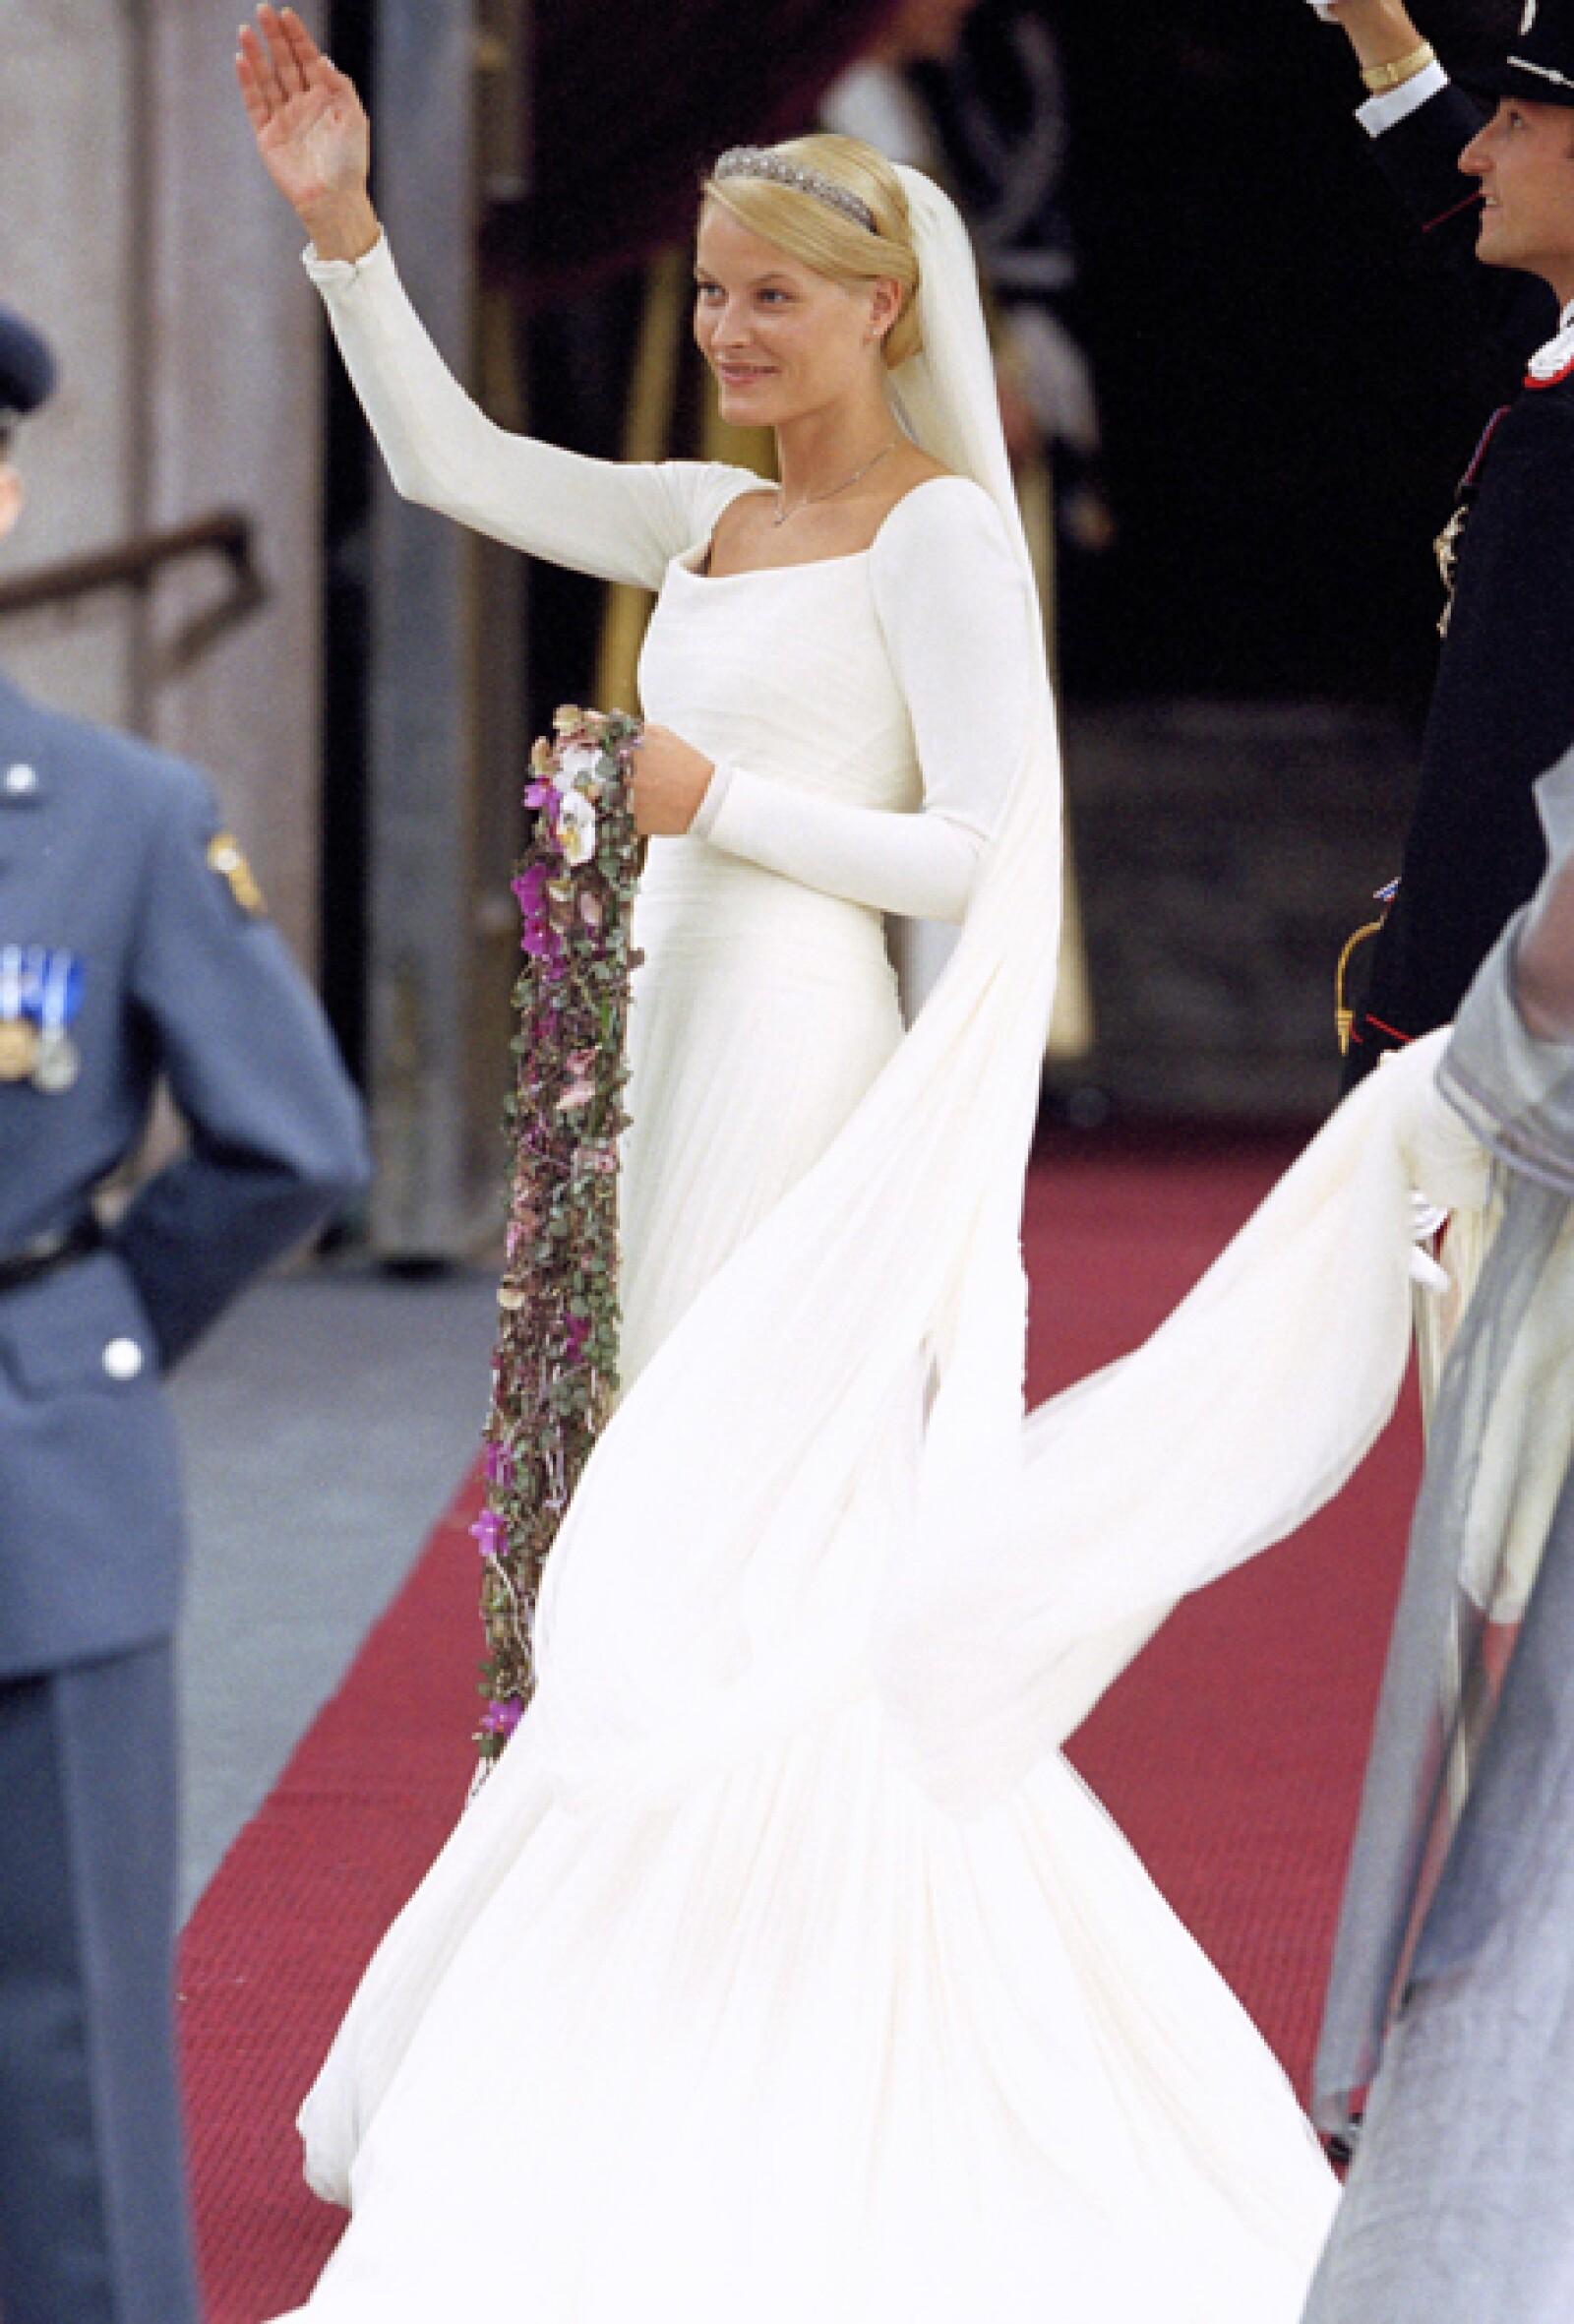 En su boda con Haakon, el 25 de agosto 2001, lució un vestido inspirado en el que usó la Reina Maud y  confeccionado por el modisto noruego Ove Harder Finseth.